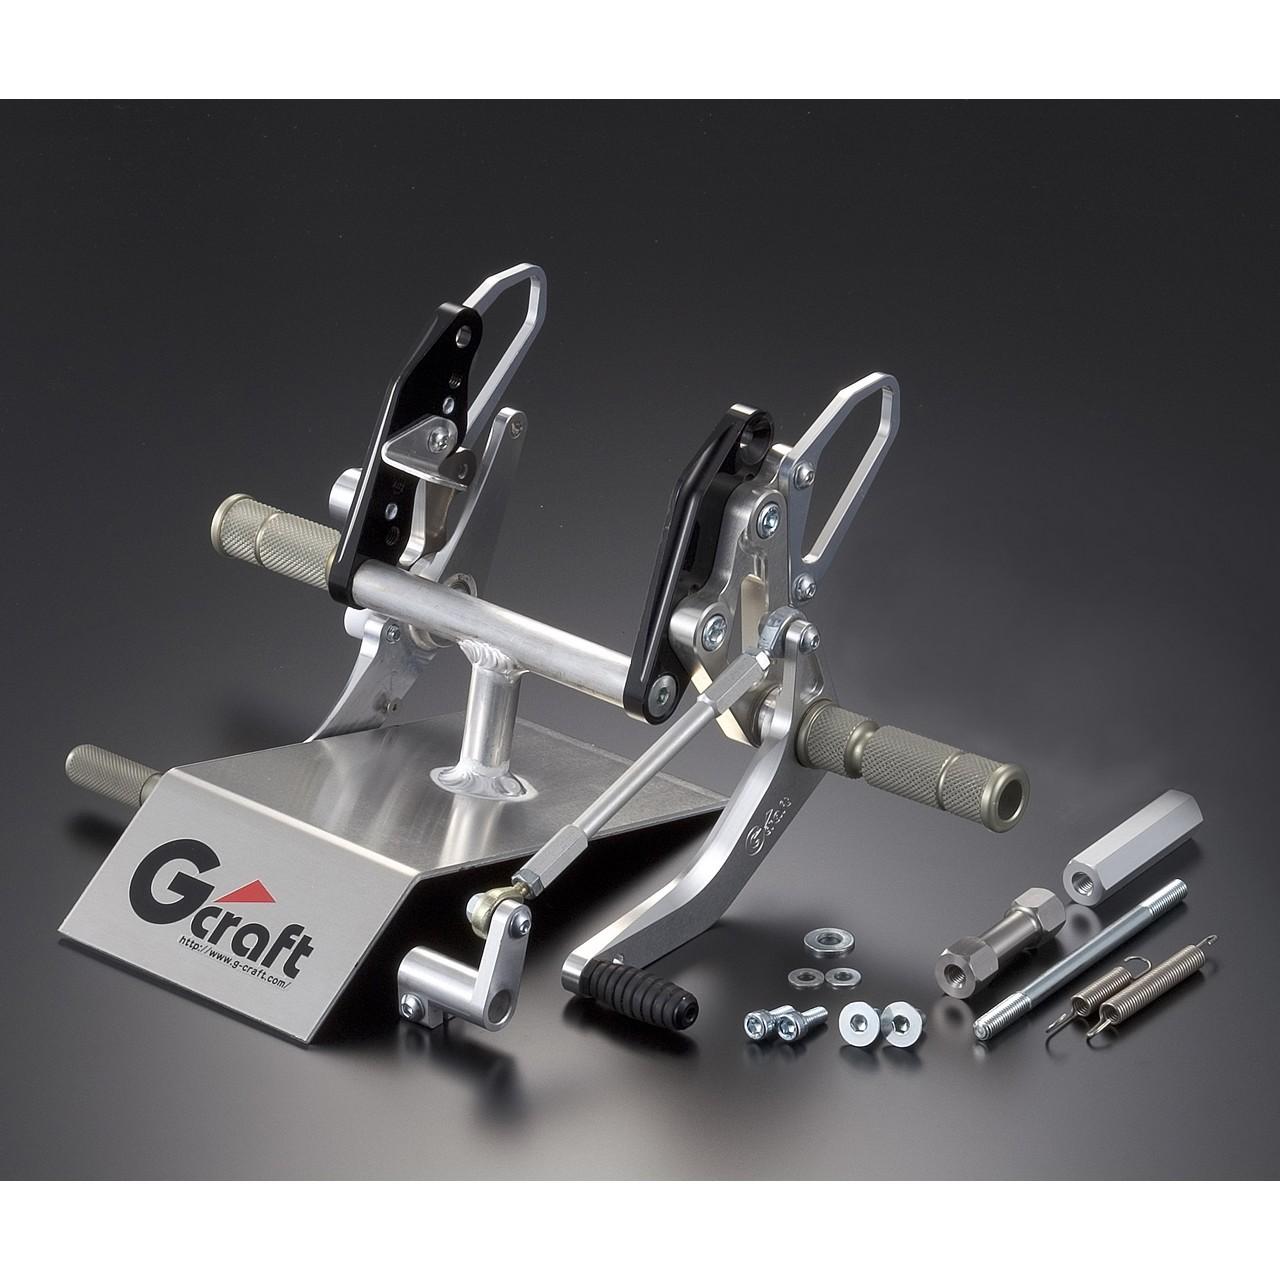 3P腳踏後移套件 鼓式煞車專用(不含專用支架)